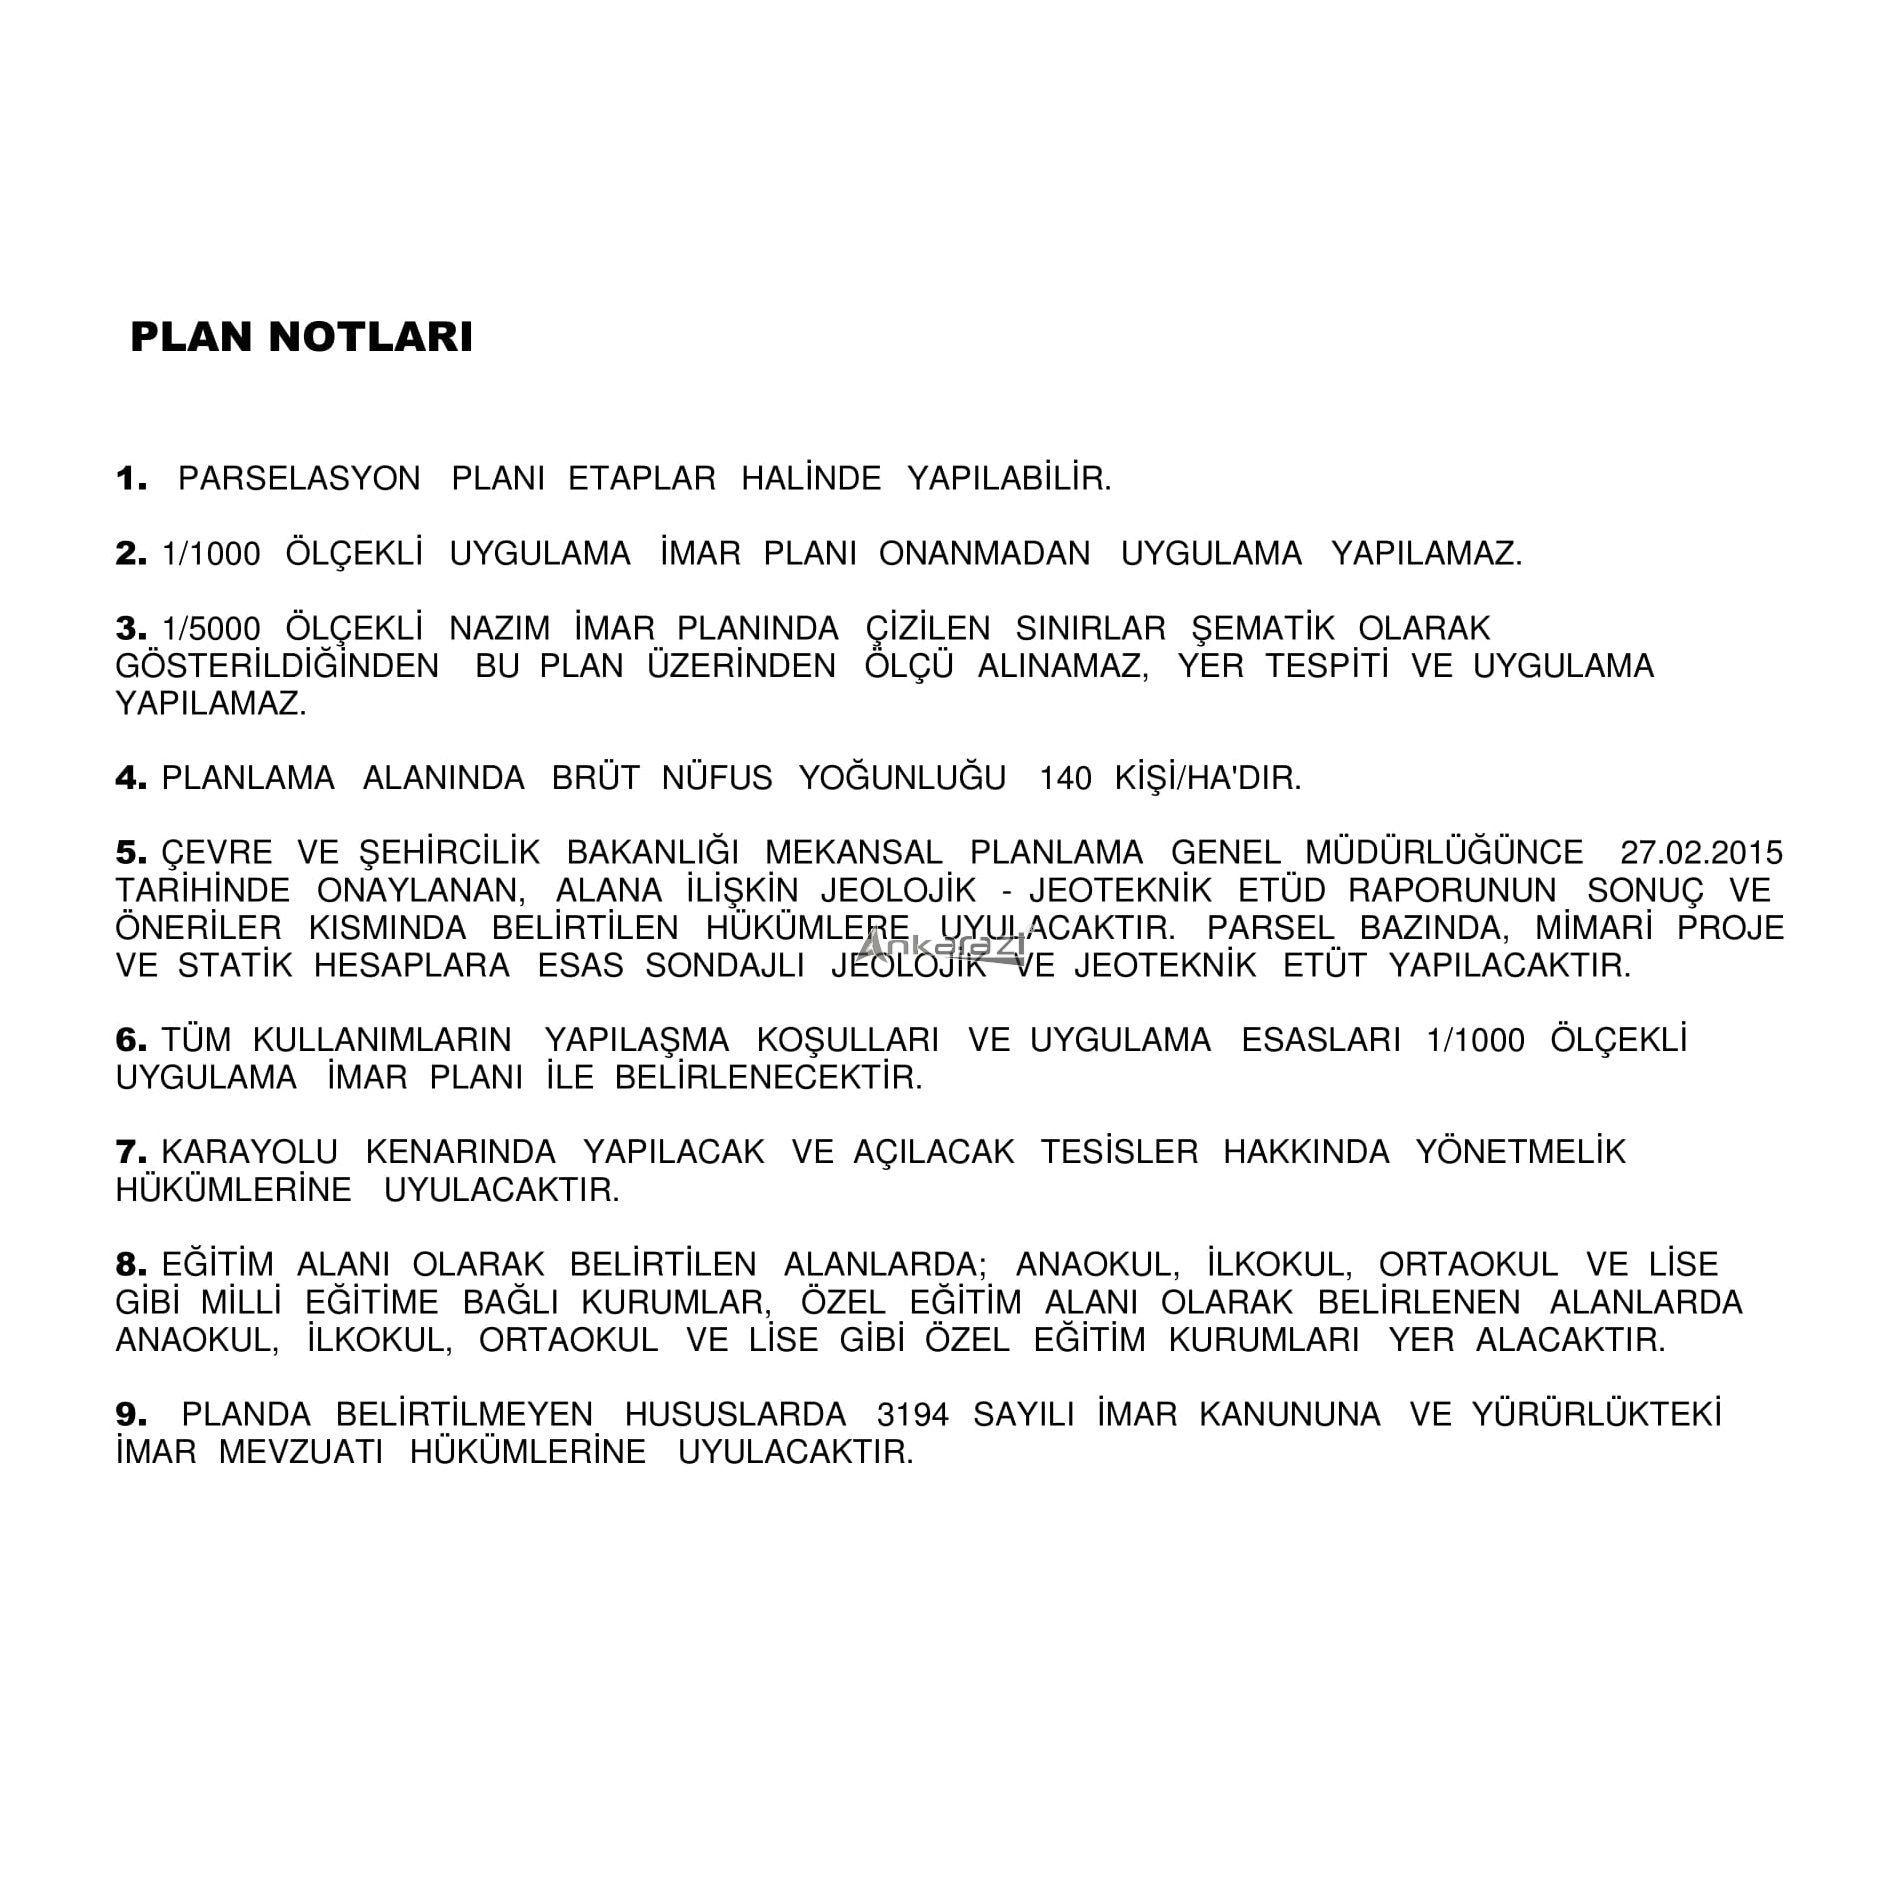 Mamak / Kusunlar TOKİ Etrafı 5000'lik Planı Askıda... 3579